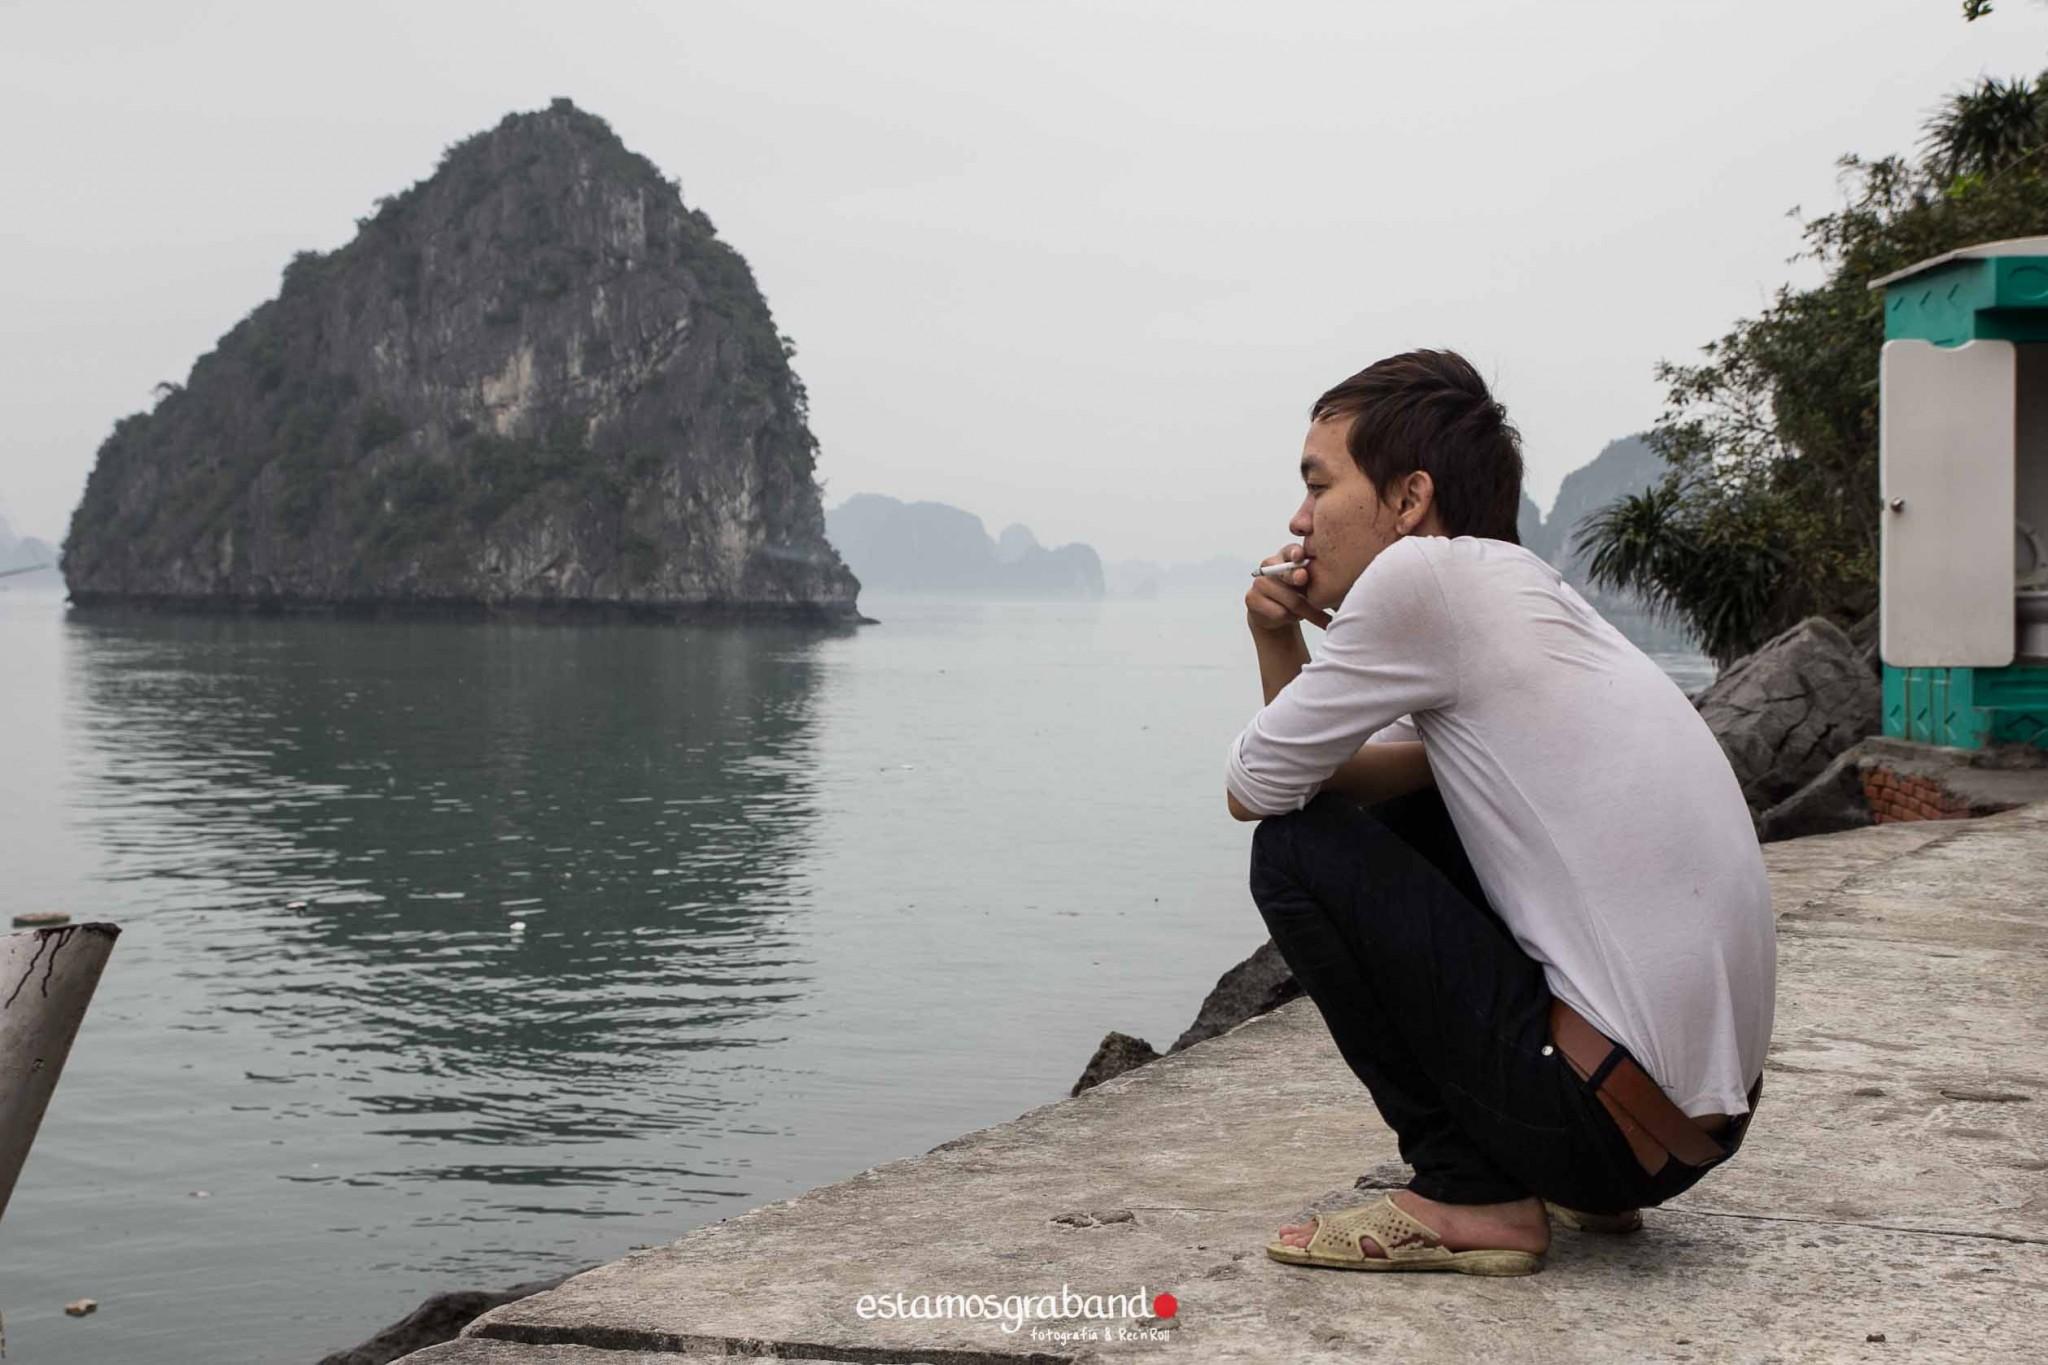 reportaje-vietnam_fotograficc81a-vietnam_estamosgrabando-vietnam_rutasvietnam_reportaje-retratos-fotos-vietnam_fotografia-vietnam_reportaje-estamosgrabando-fotograficc81a-vietnam-67 Pequeños grandes recuerdos de Vietnam en 100 imágenes - video boda cadiz